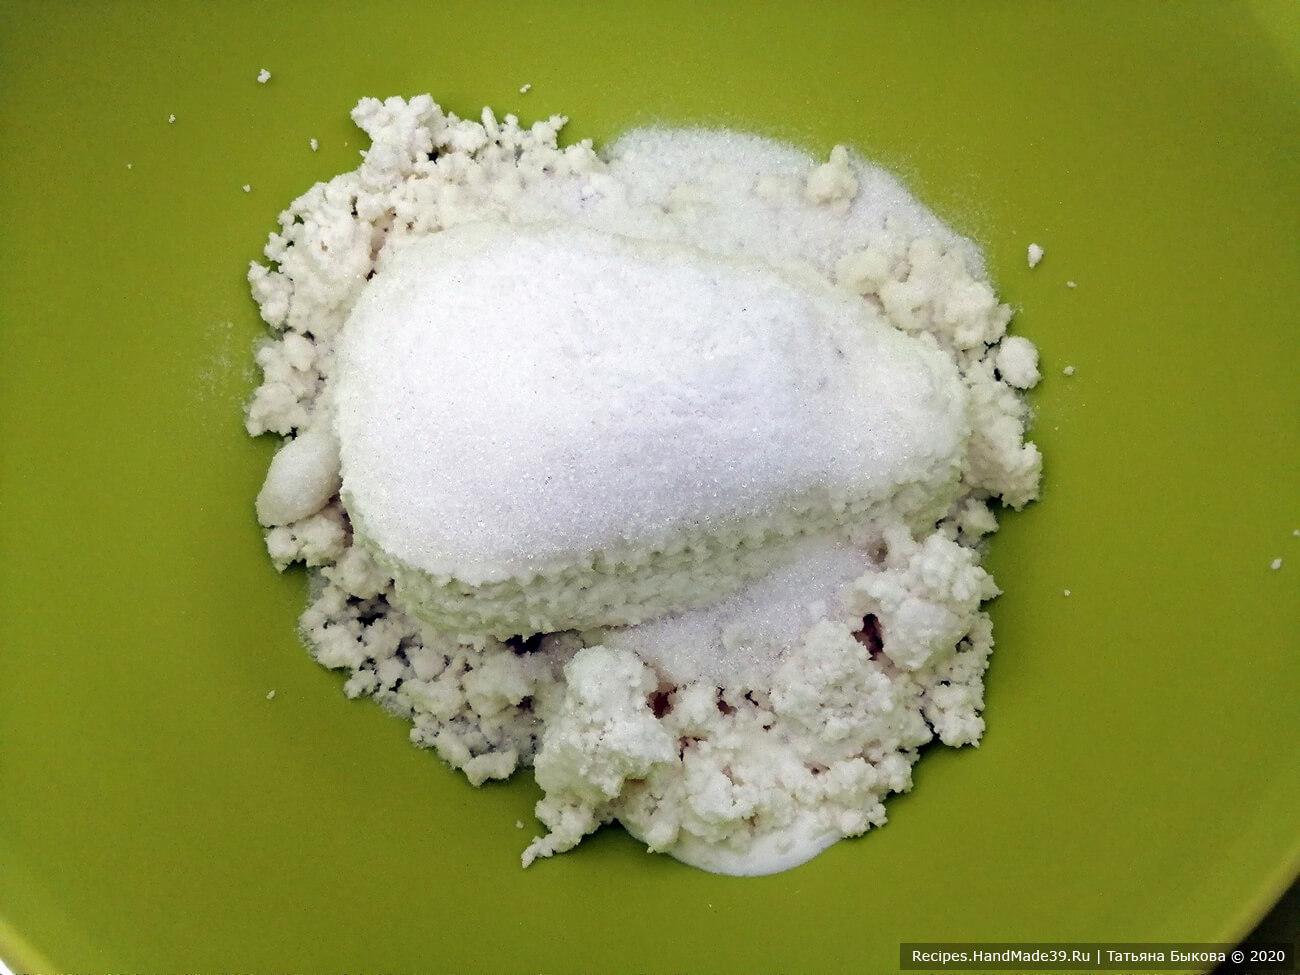 Приготовление творожного теста для пирожков: творог соединить со сметаной, сахаром, солью и пробить блендером